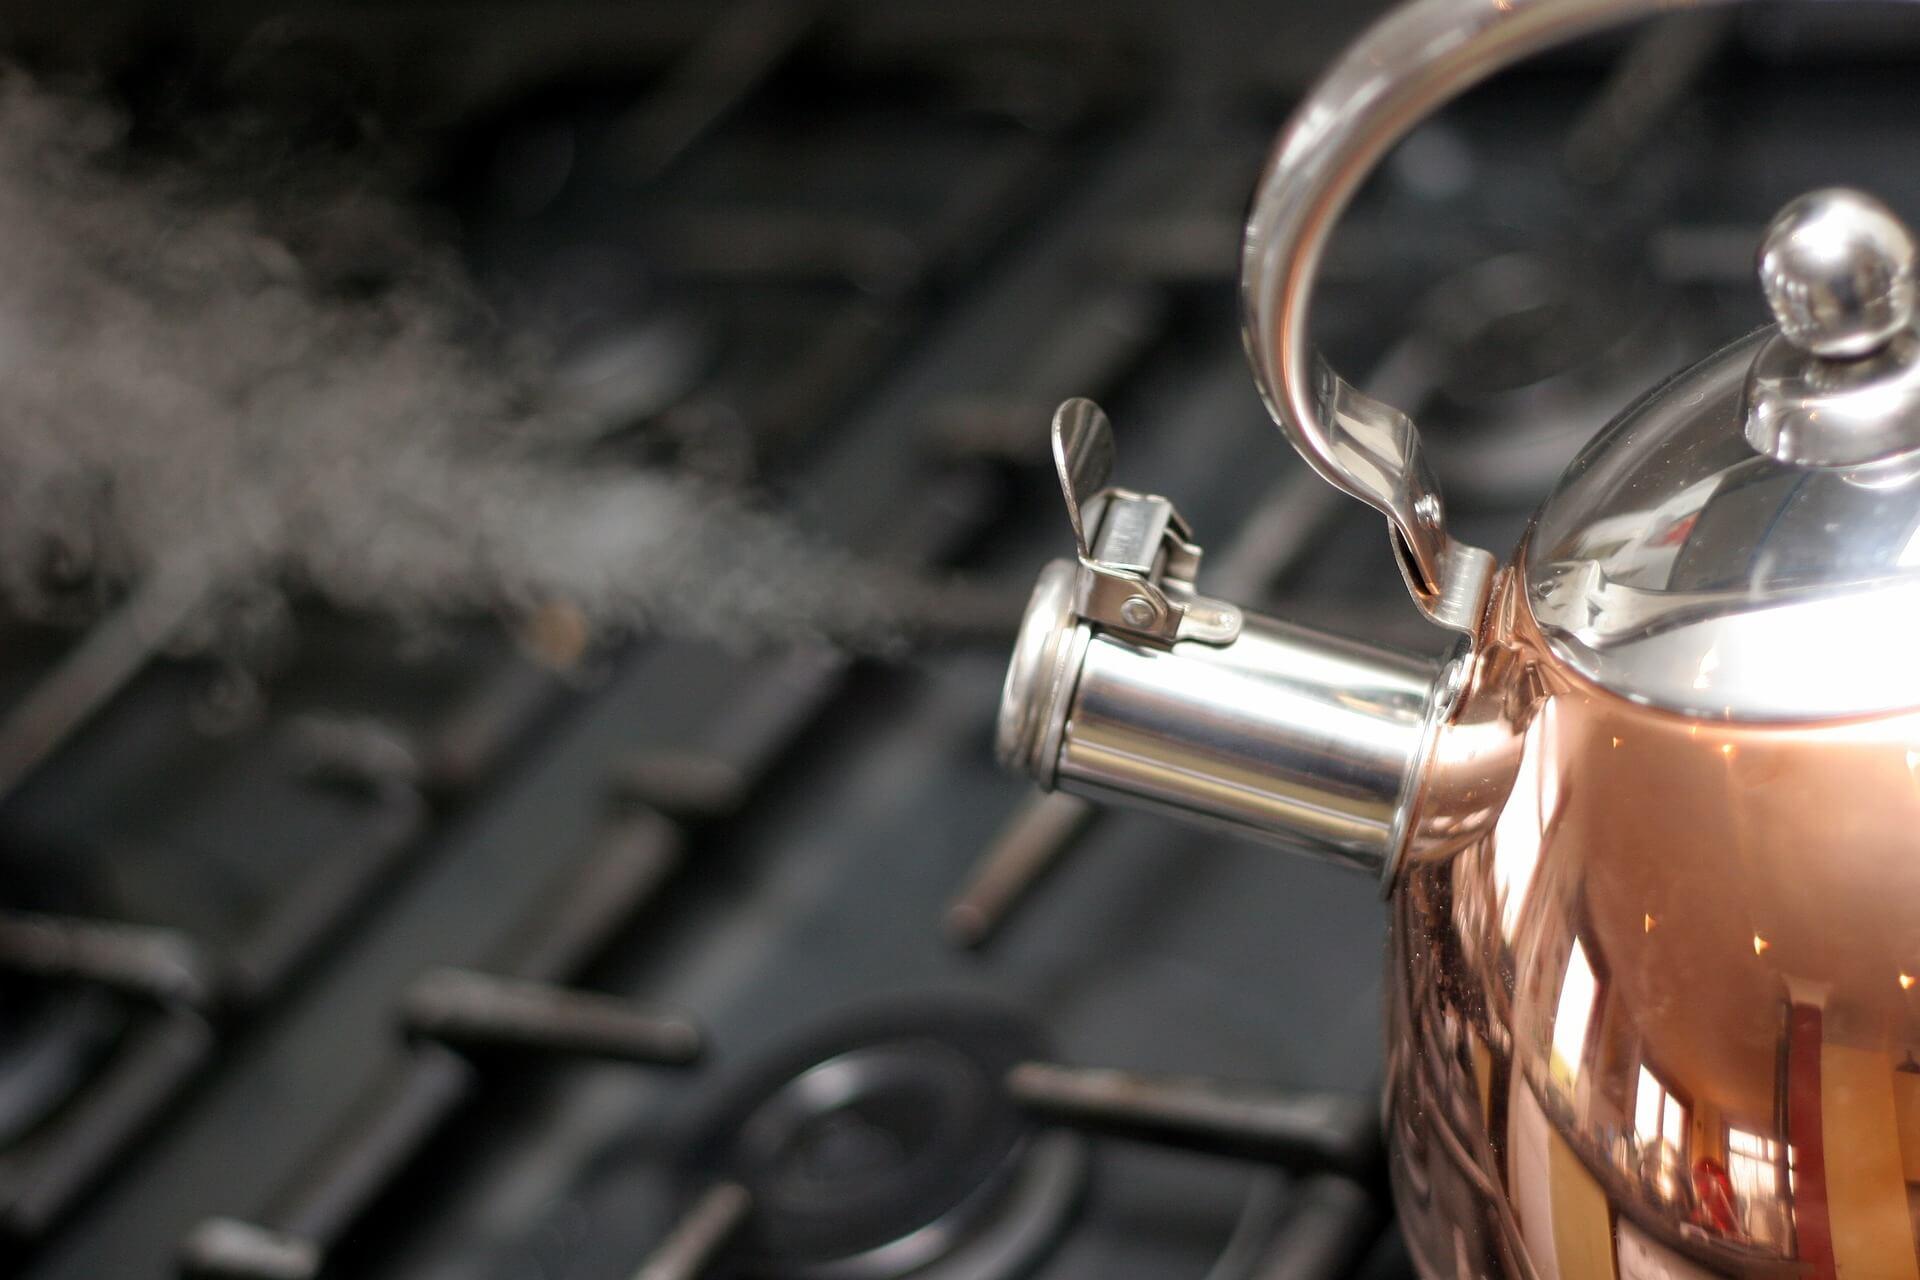 Dlaczego woda gotując się w czajniku, powoduje świst w gwizdku?